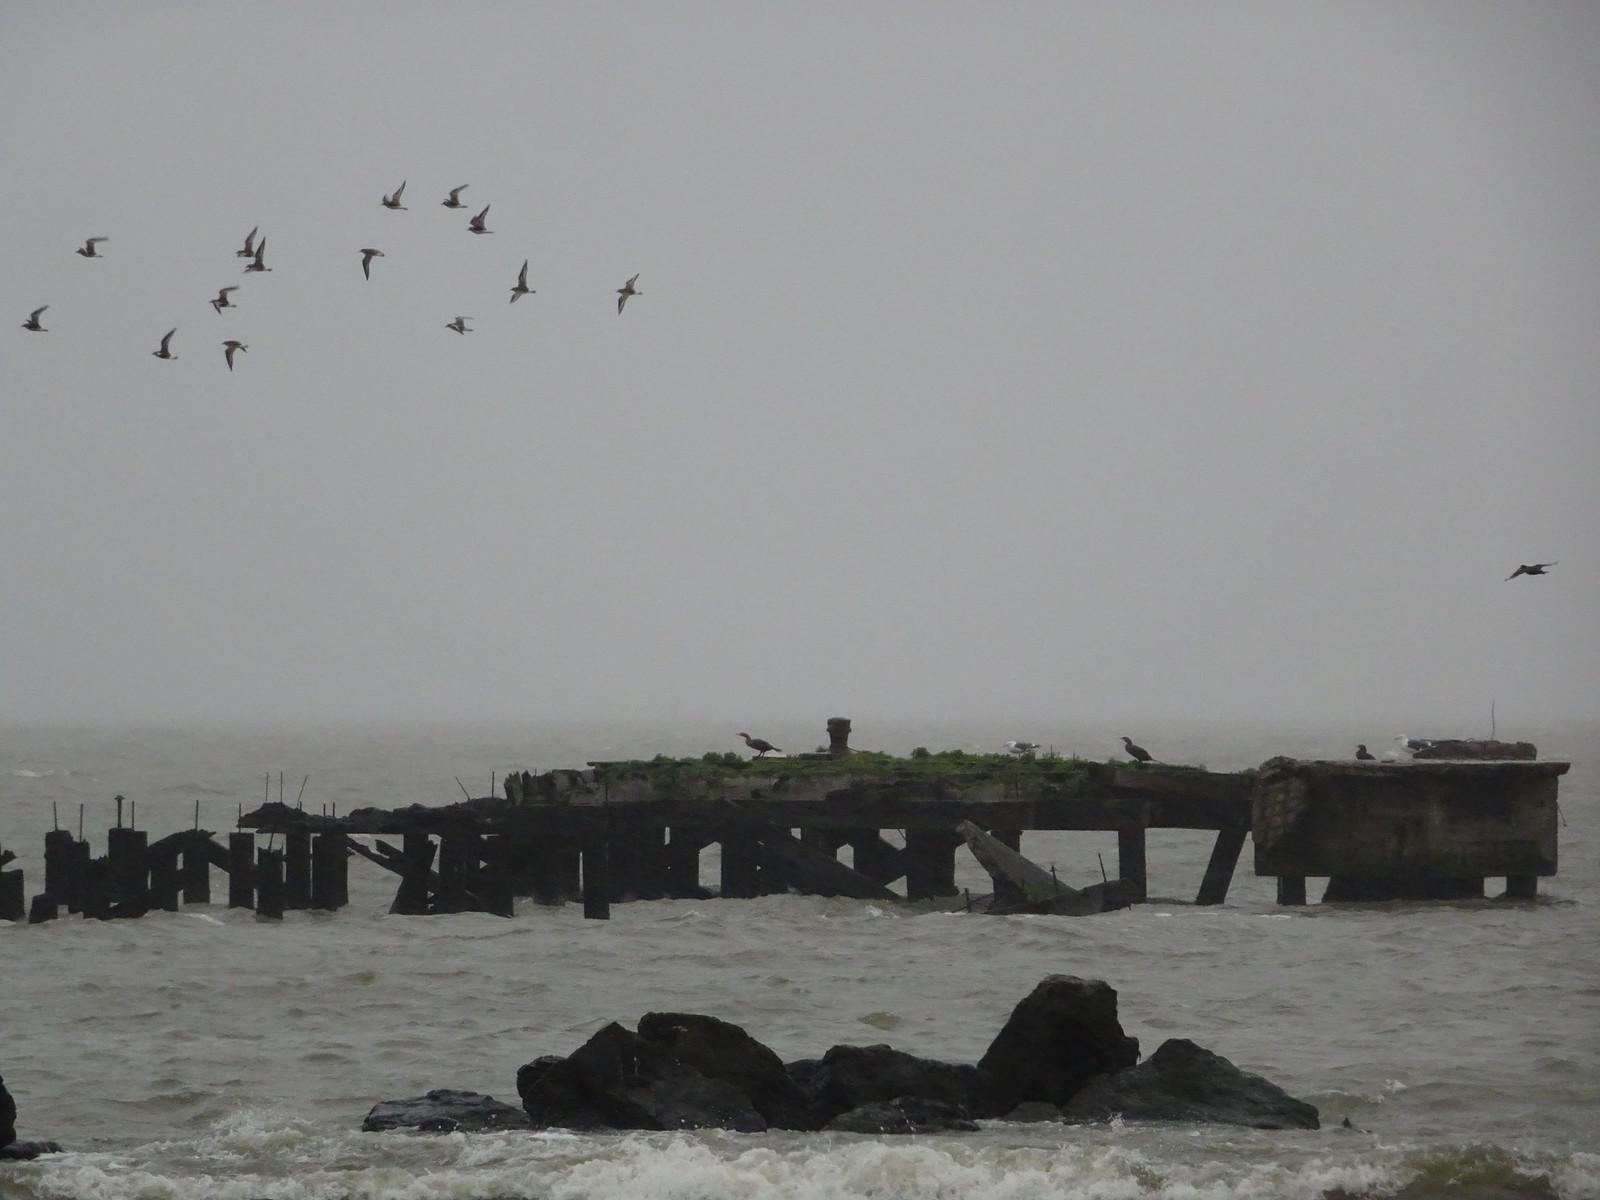 More wet #birds in the #rain #berkeley   by buzmurdockgeotag